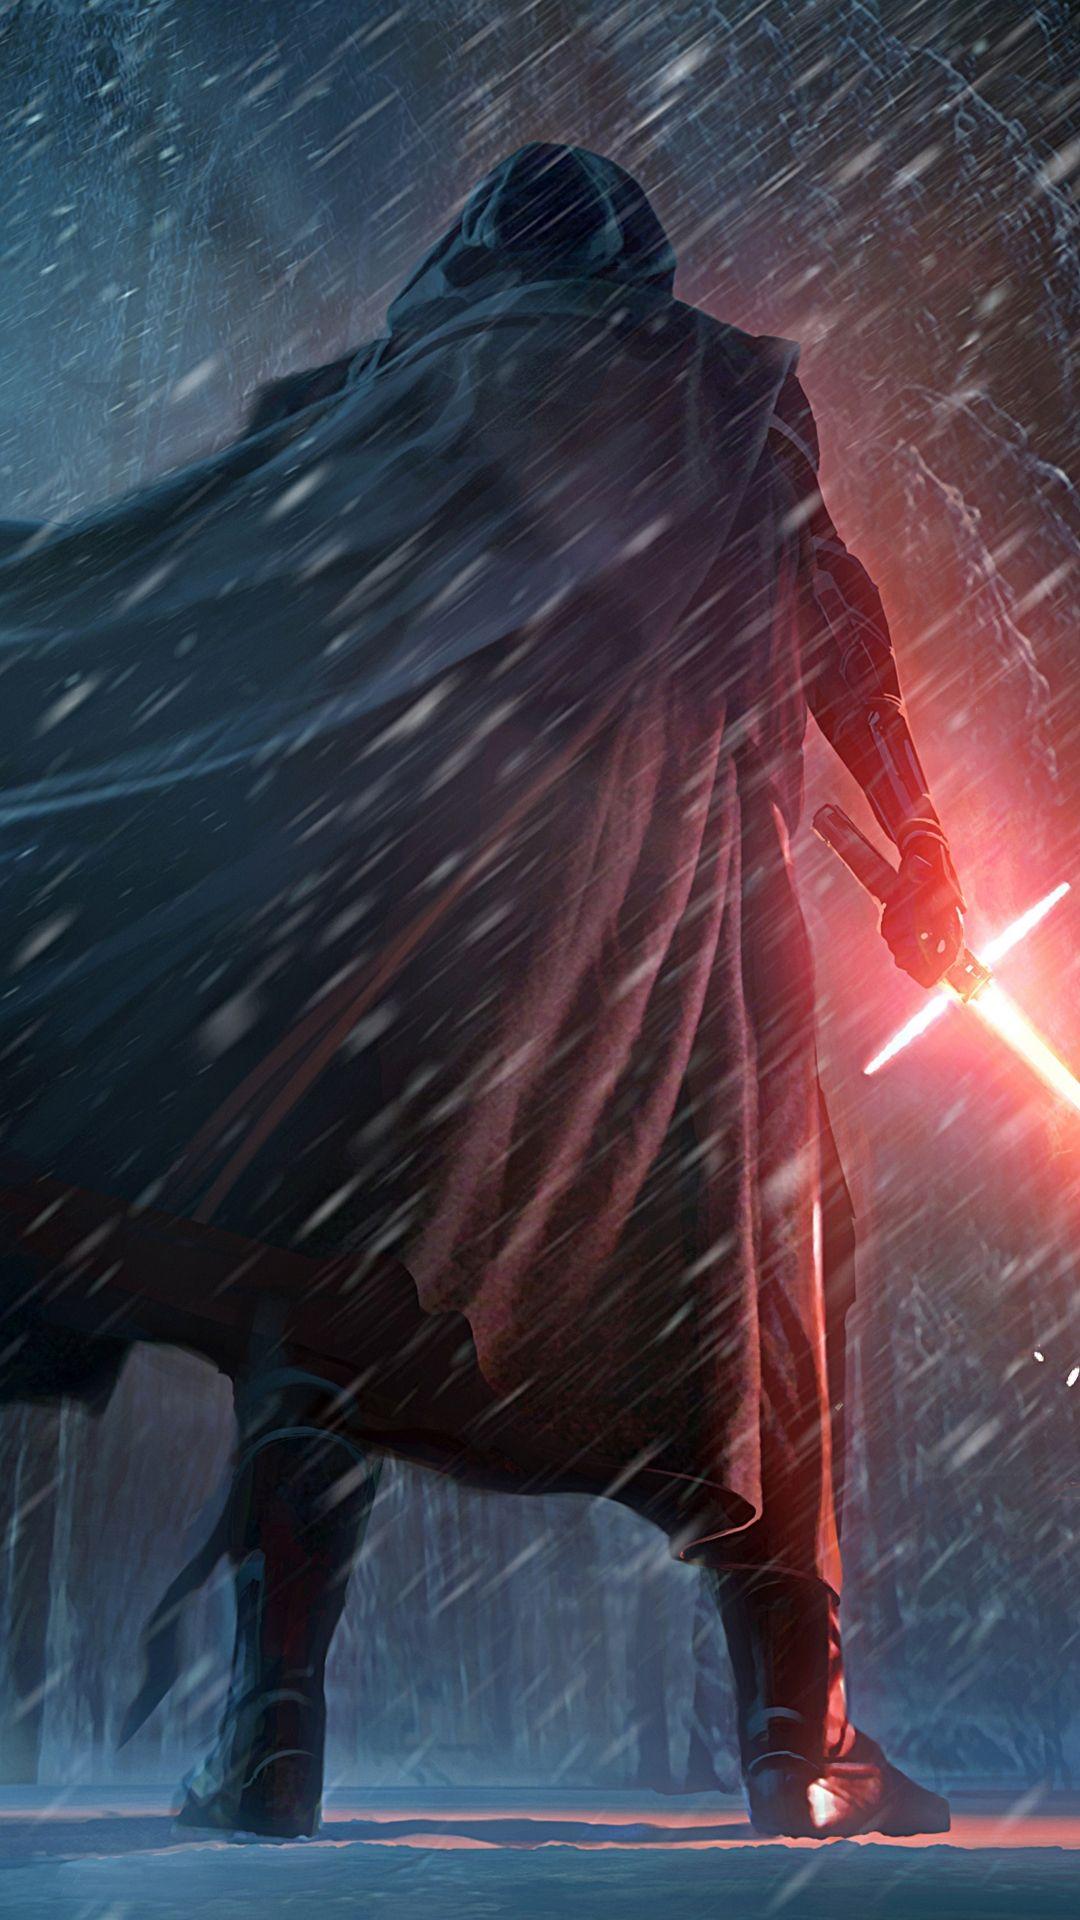 Ren Star Wars Star Wars Wallpaper Star Wars Kylo Ren